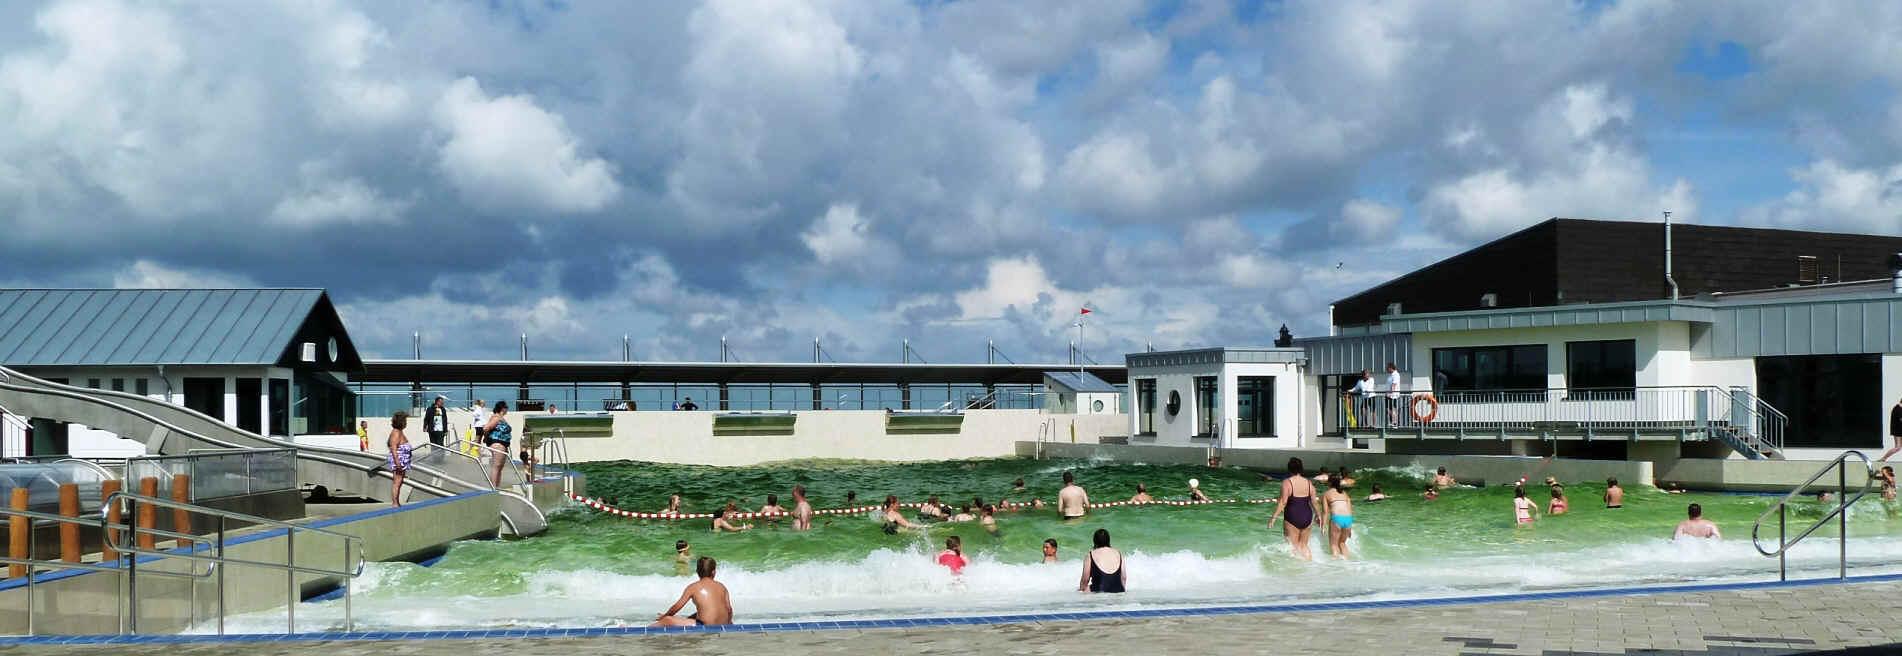 Das Watt'n Bad in Dorum-neufeld. Eine Attraktion an der Nordseek?te f? Badefreunde